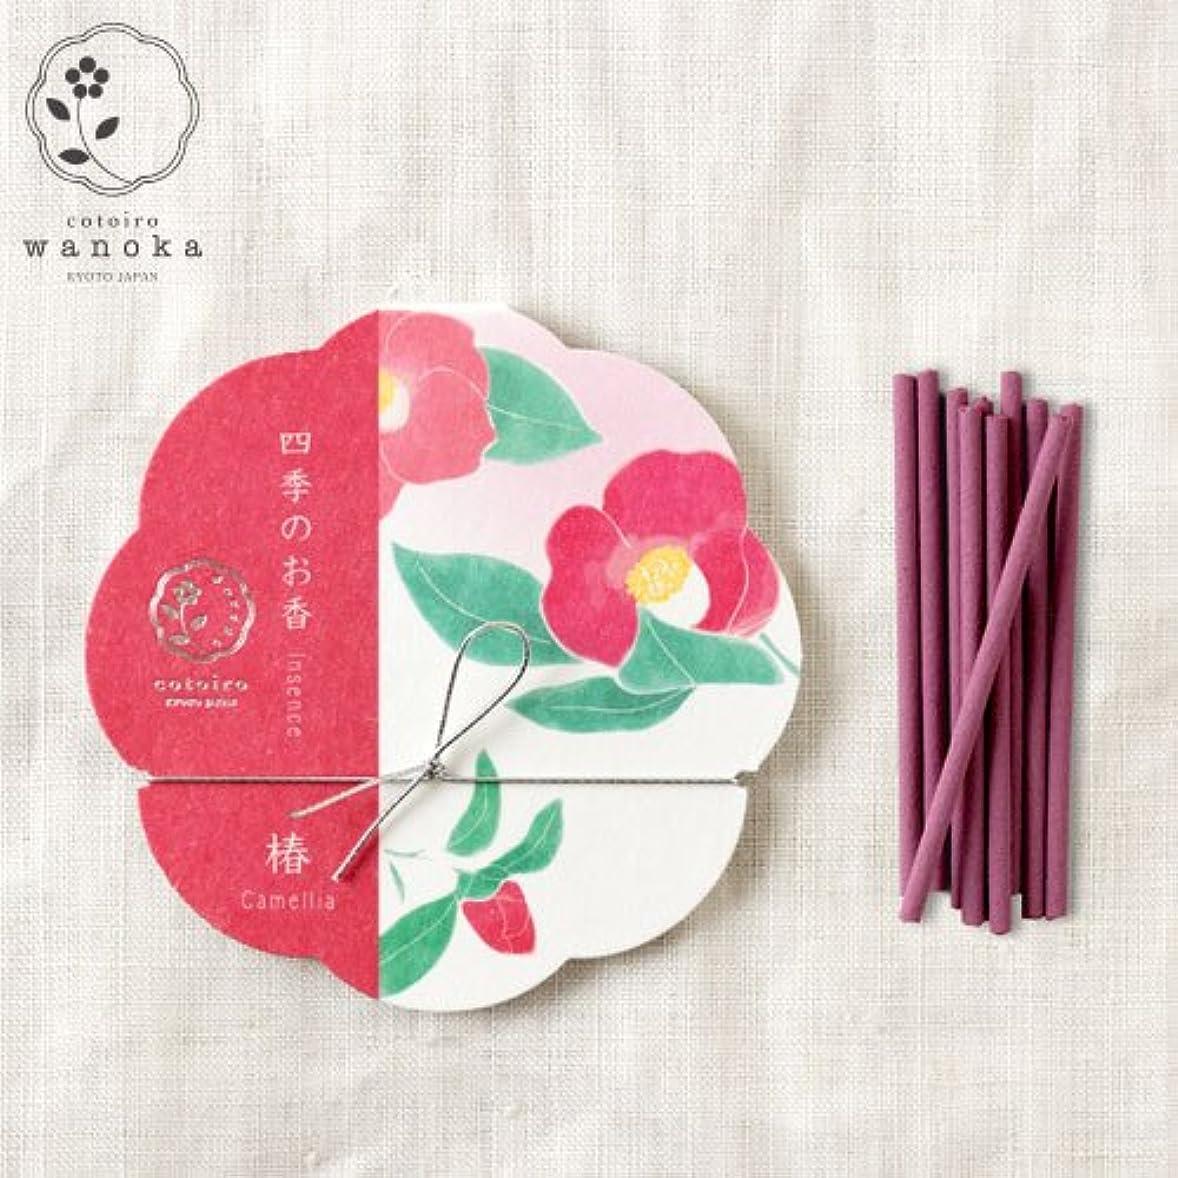 エイリアン曖昧な粗いwanoka四季のお香(インセンス)椿《椿をイメージしたおしとやかで深みのある香り》ART LABIncense stick